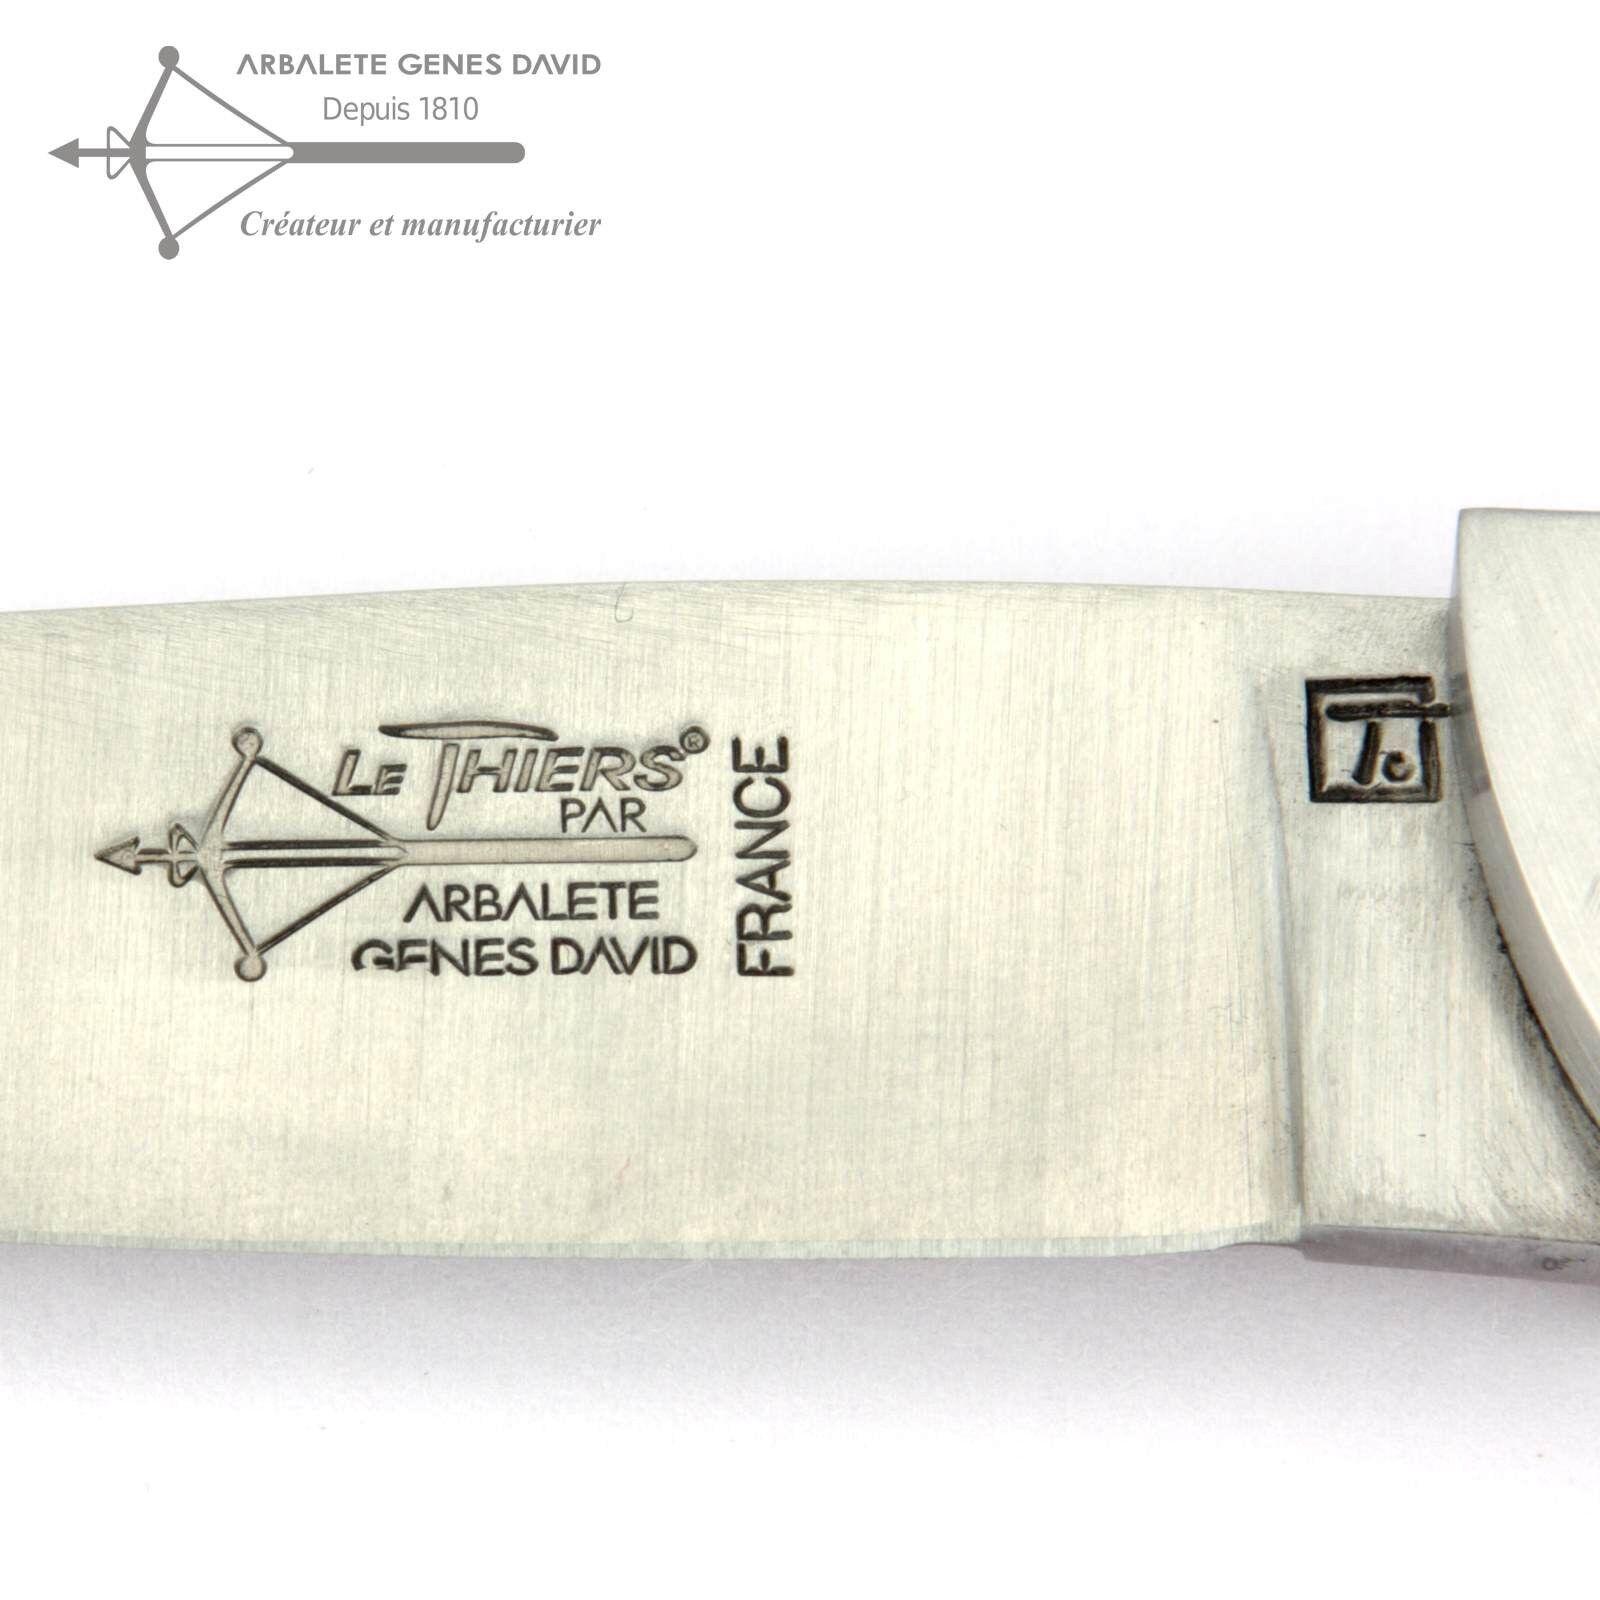 Arbalete G. David David David Thiers Taschenmesser 12 cm Messer T1112CH1/20CAB Griff Eiche afb56f